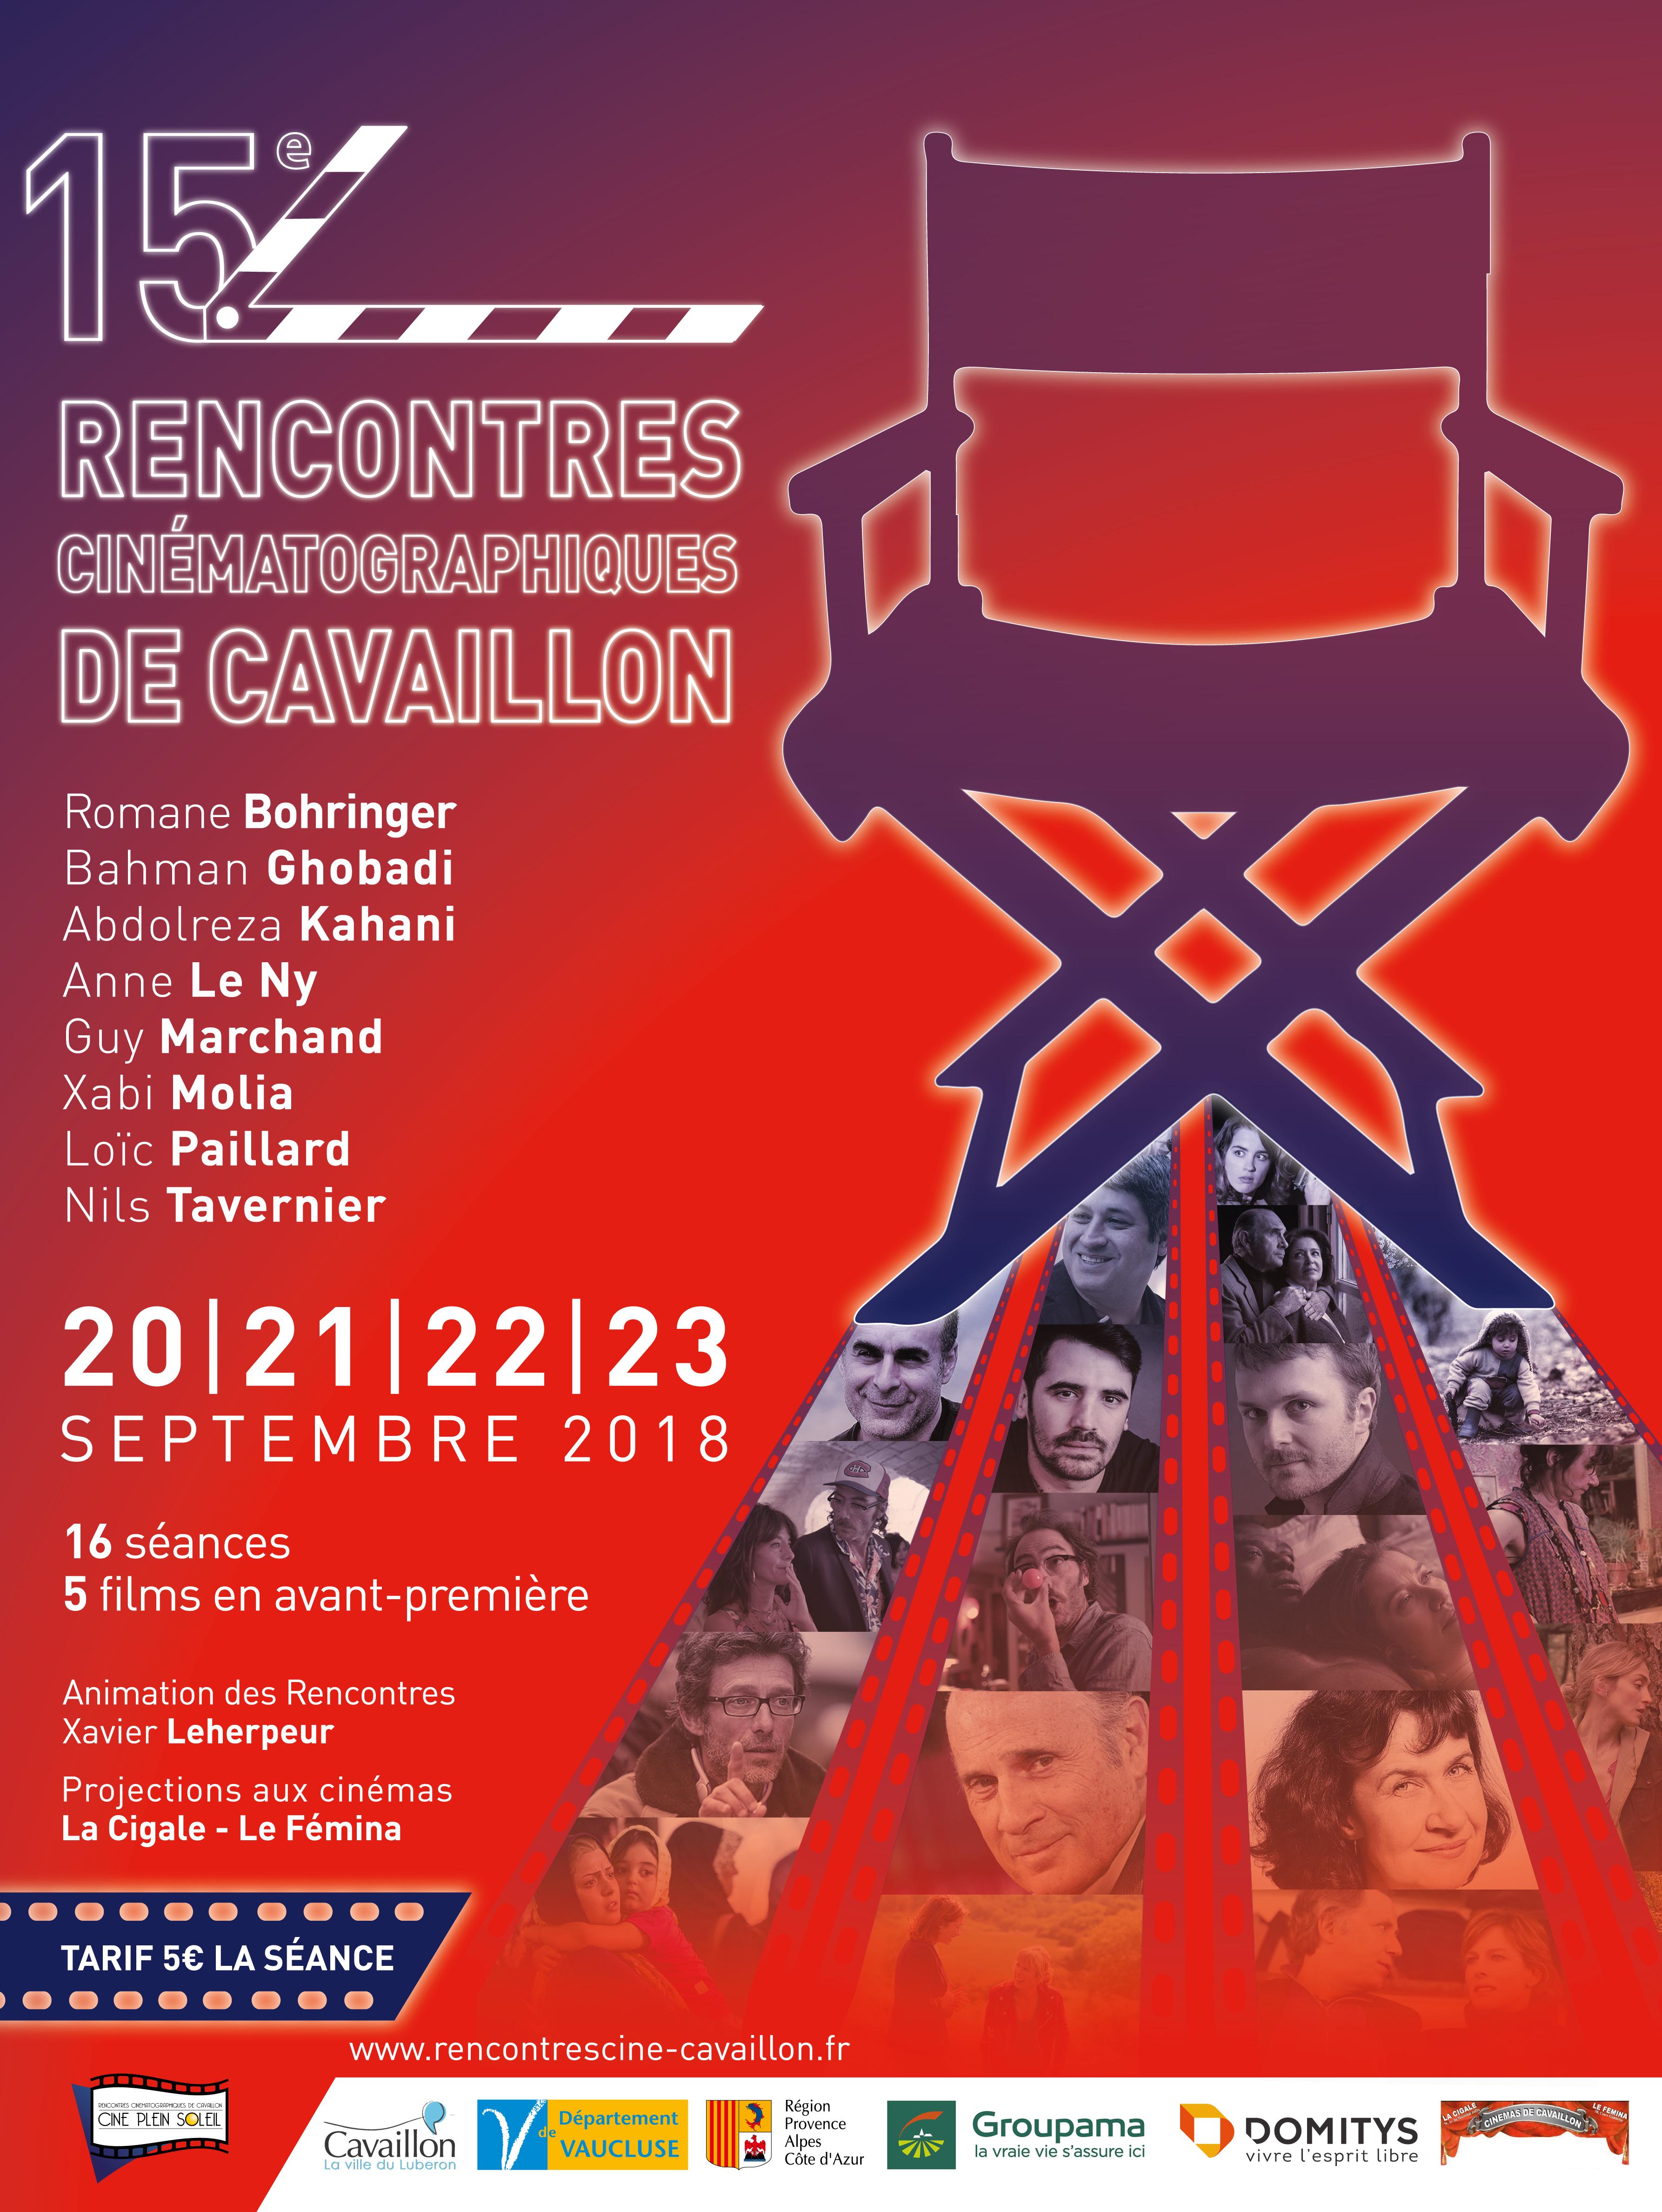 15e Rencontres Ciné de Cavaillon